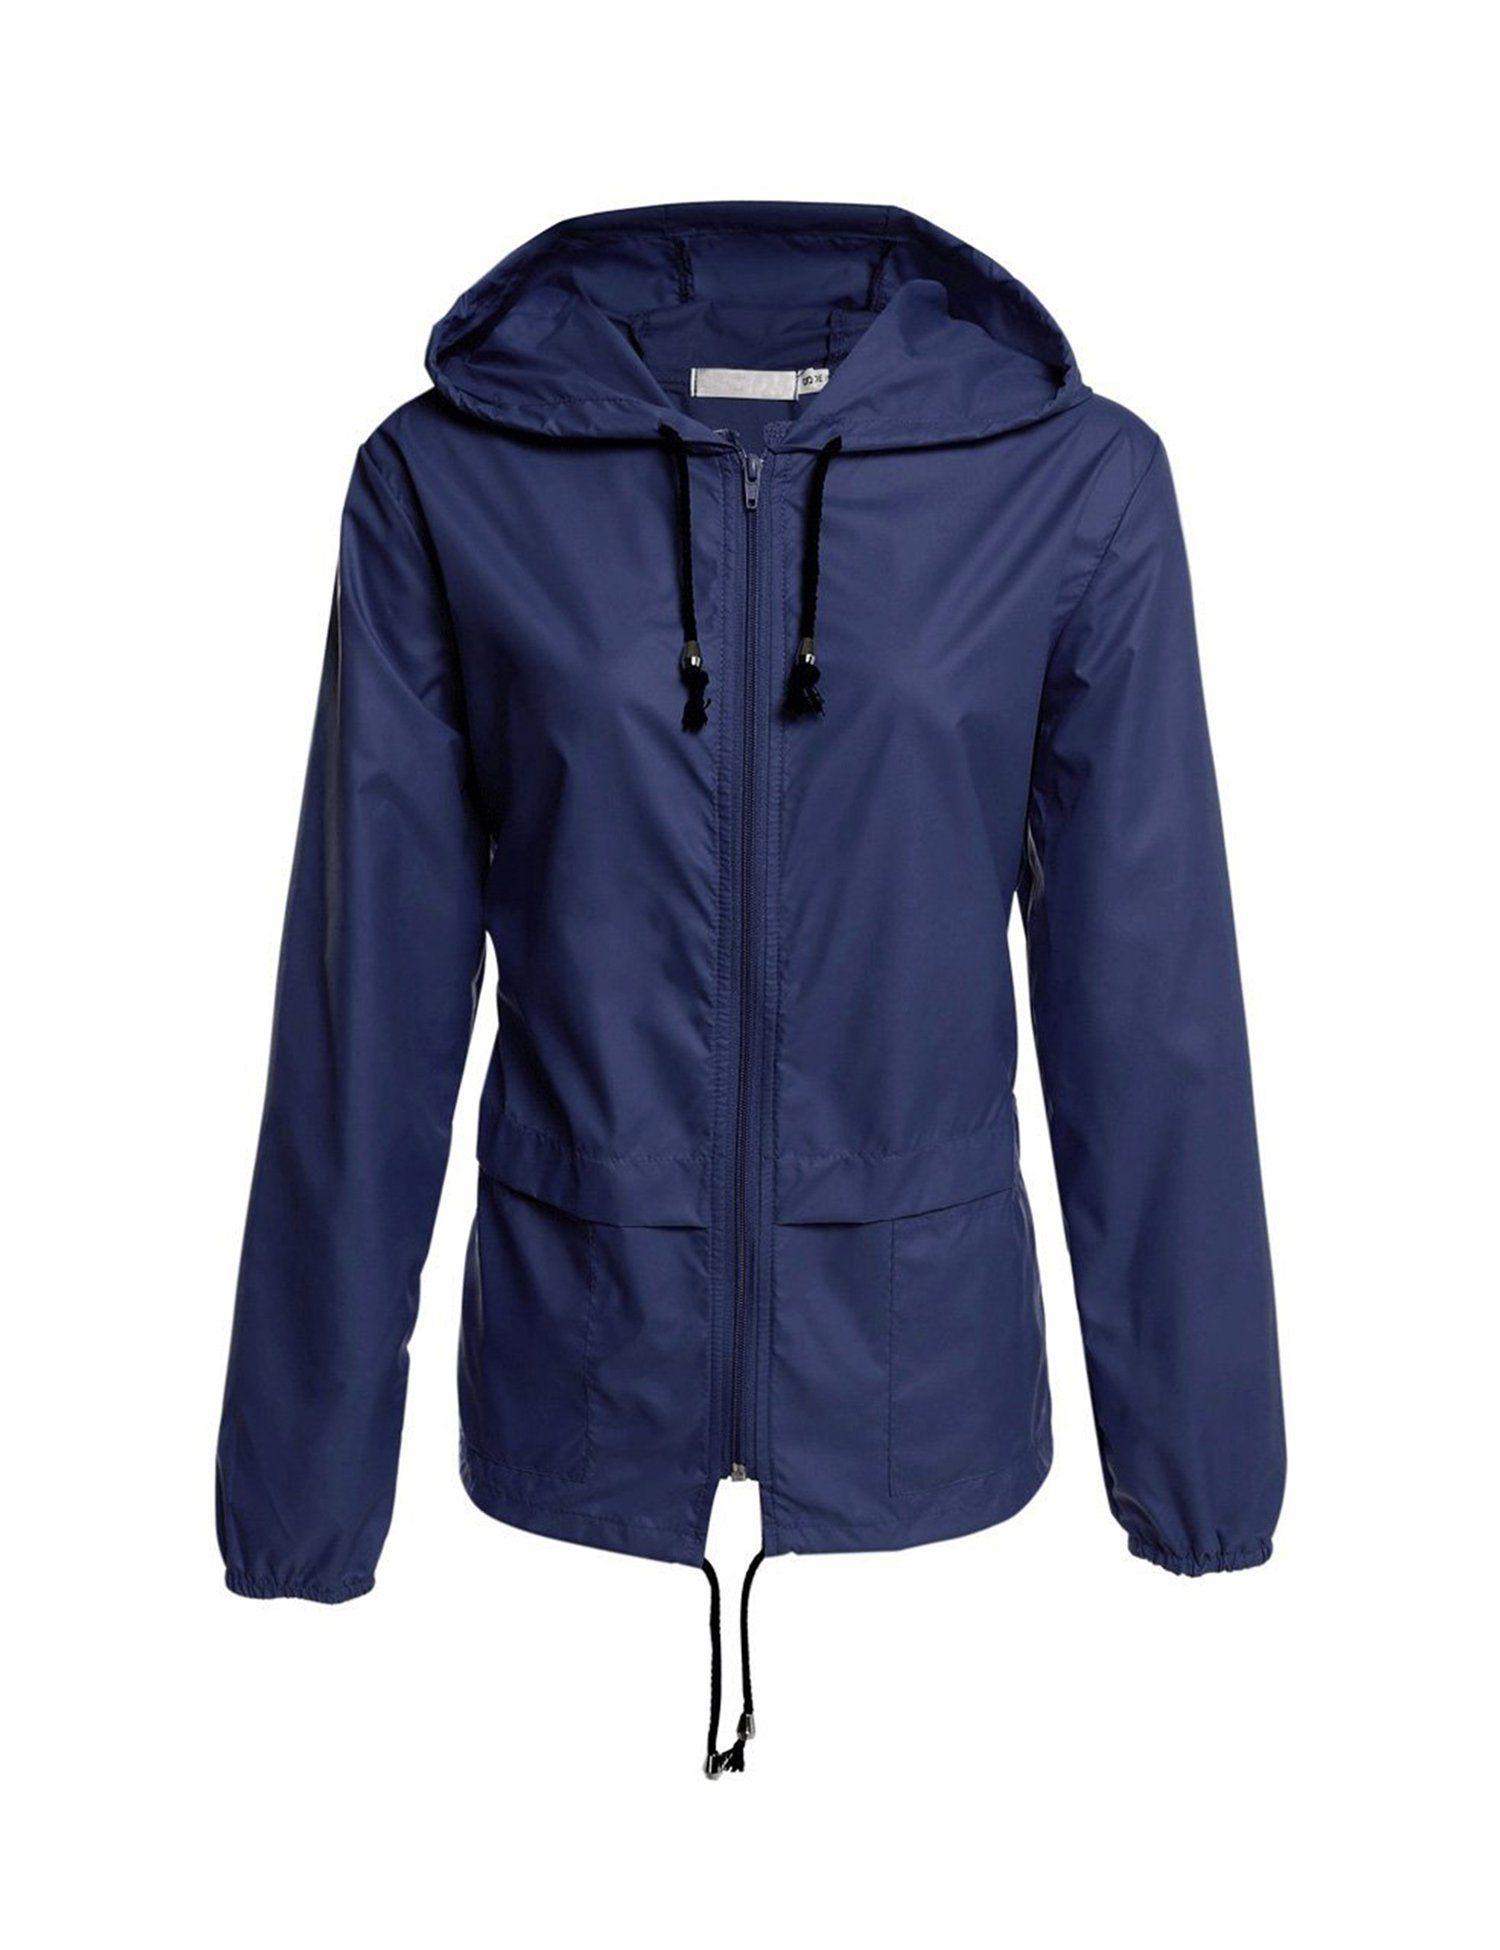 Romanstii Lightweight Waterproof Raincoat For Women Windbreaker Outdoor Rain Jacket with Stowable Hood